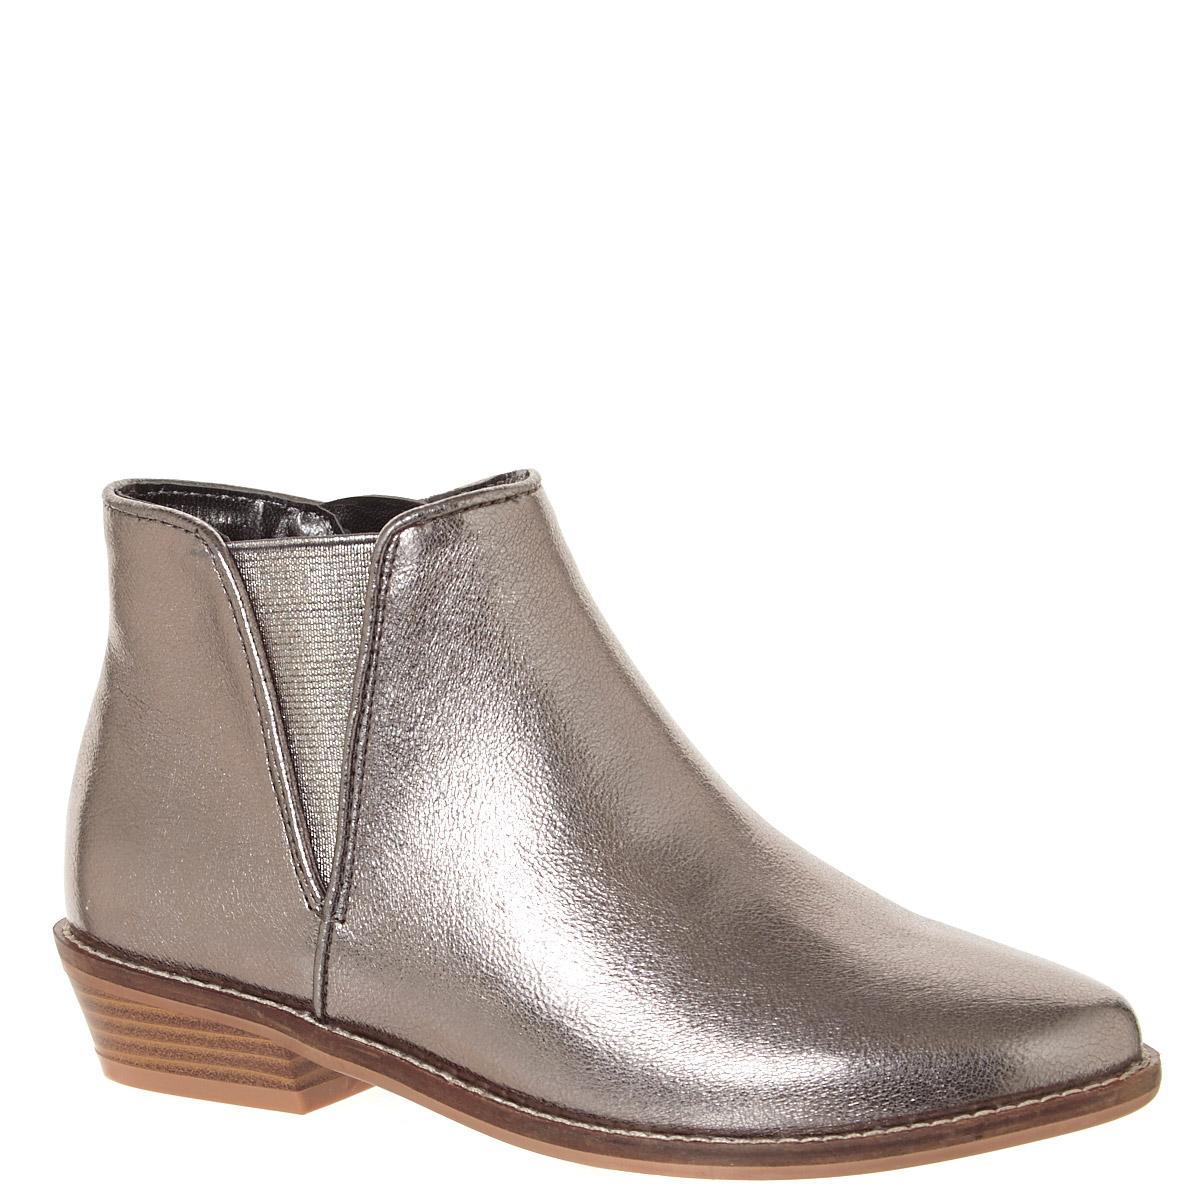 Metallic Older Girls Chelsea Boots